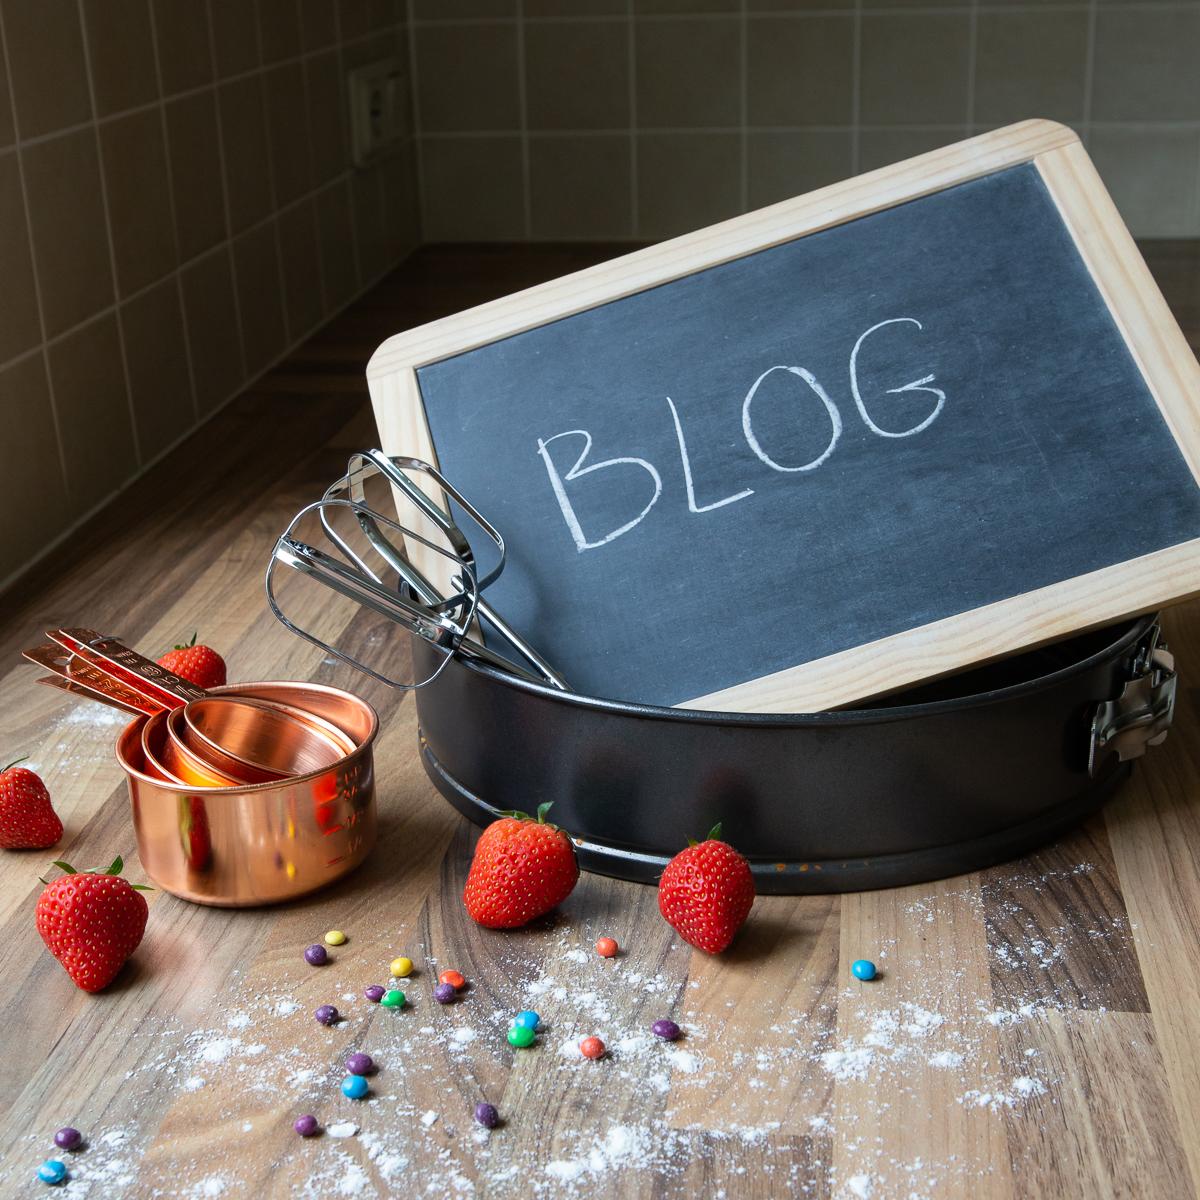 """""""Heel Holland blogt"""" - Zinvol - Nuchtere ondernemerscoaching. Geen Goeroegedoe. Foto © Ada Luppen-Zyborowicz."""